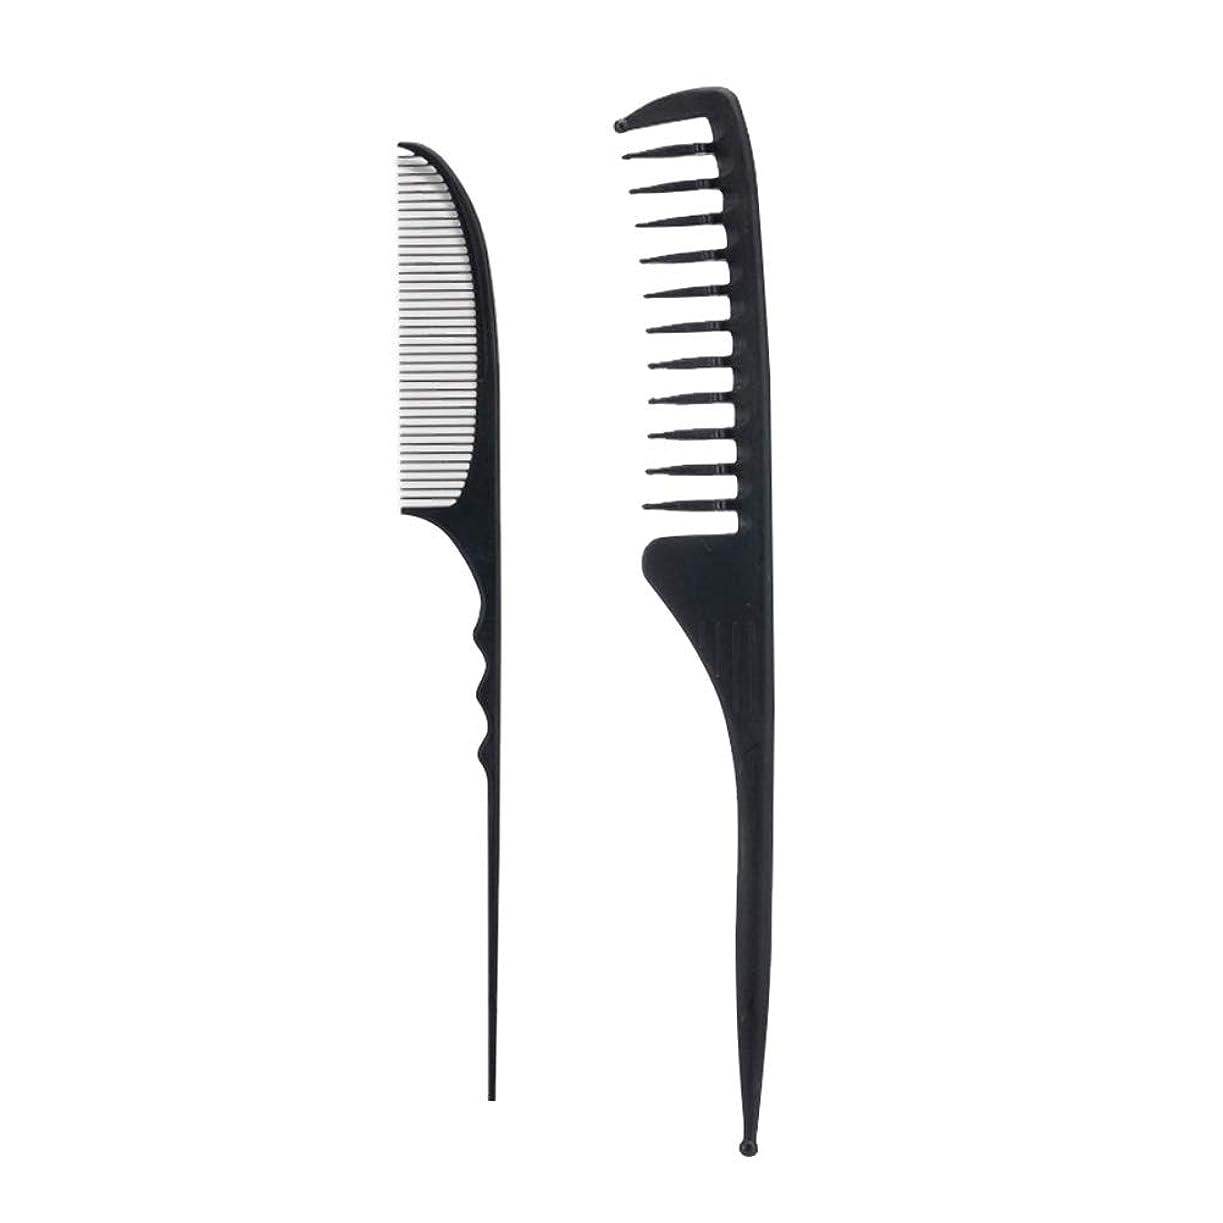 ペルソナ吐くペダルLurrose 2ピースサロンコームヘアー理髪櫛かみそりコーム理髪櫛スタイリングヘアコーム付きファインテールラフィングテール